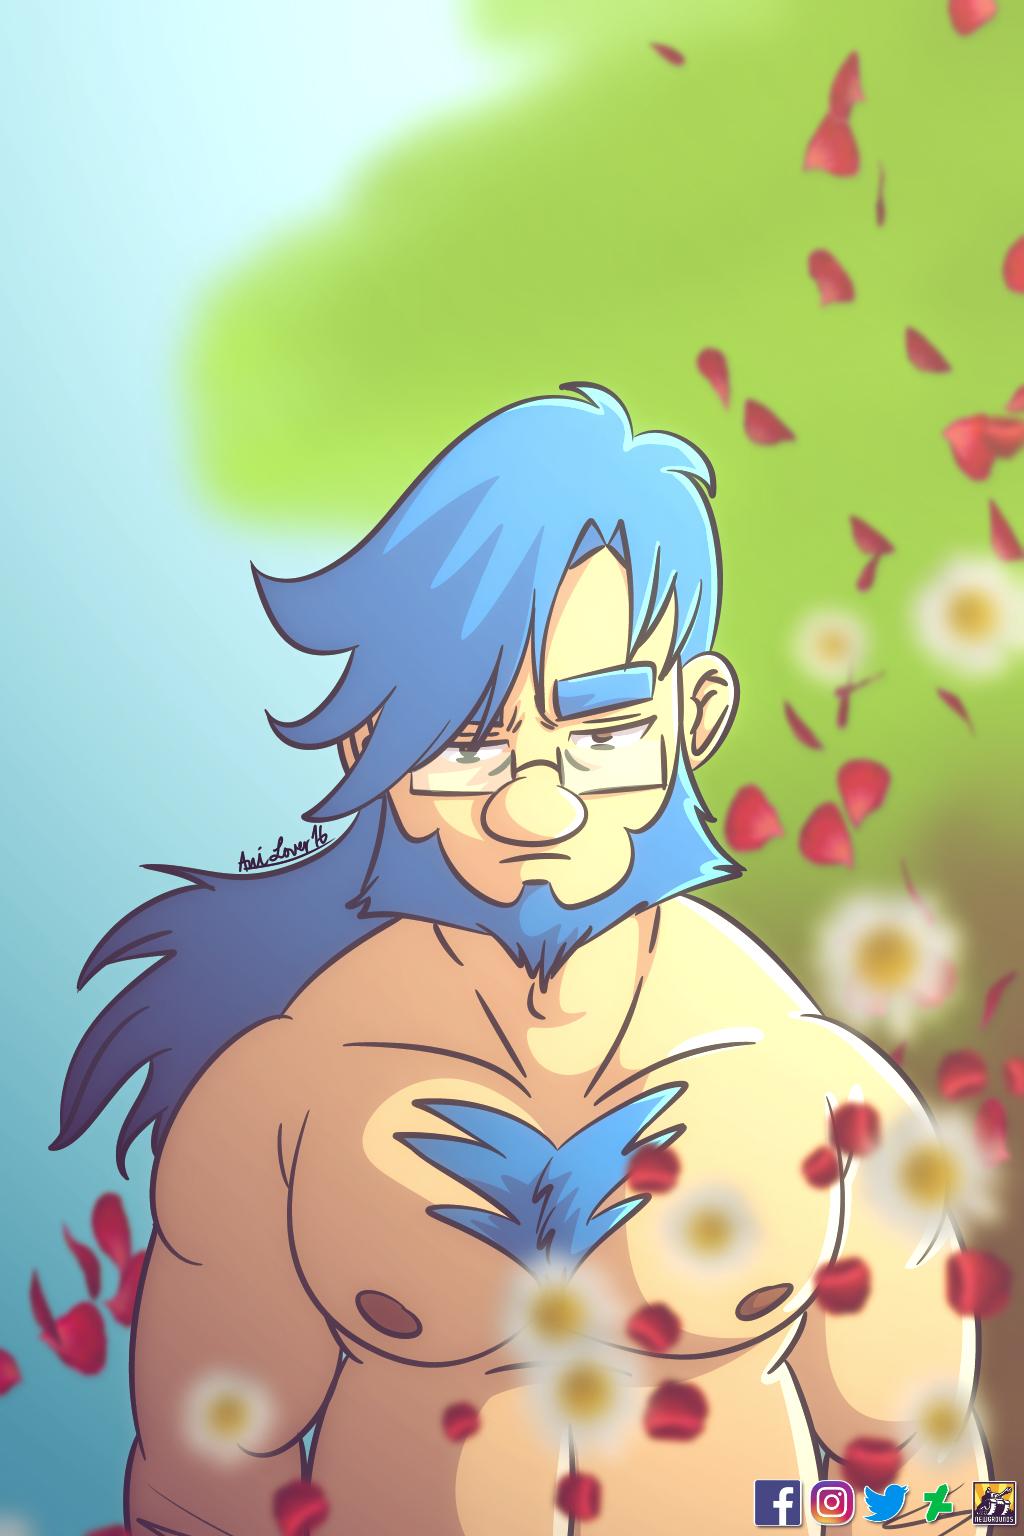 Josh - Flower